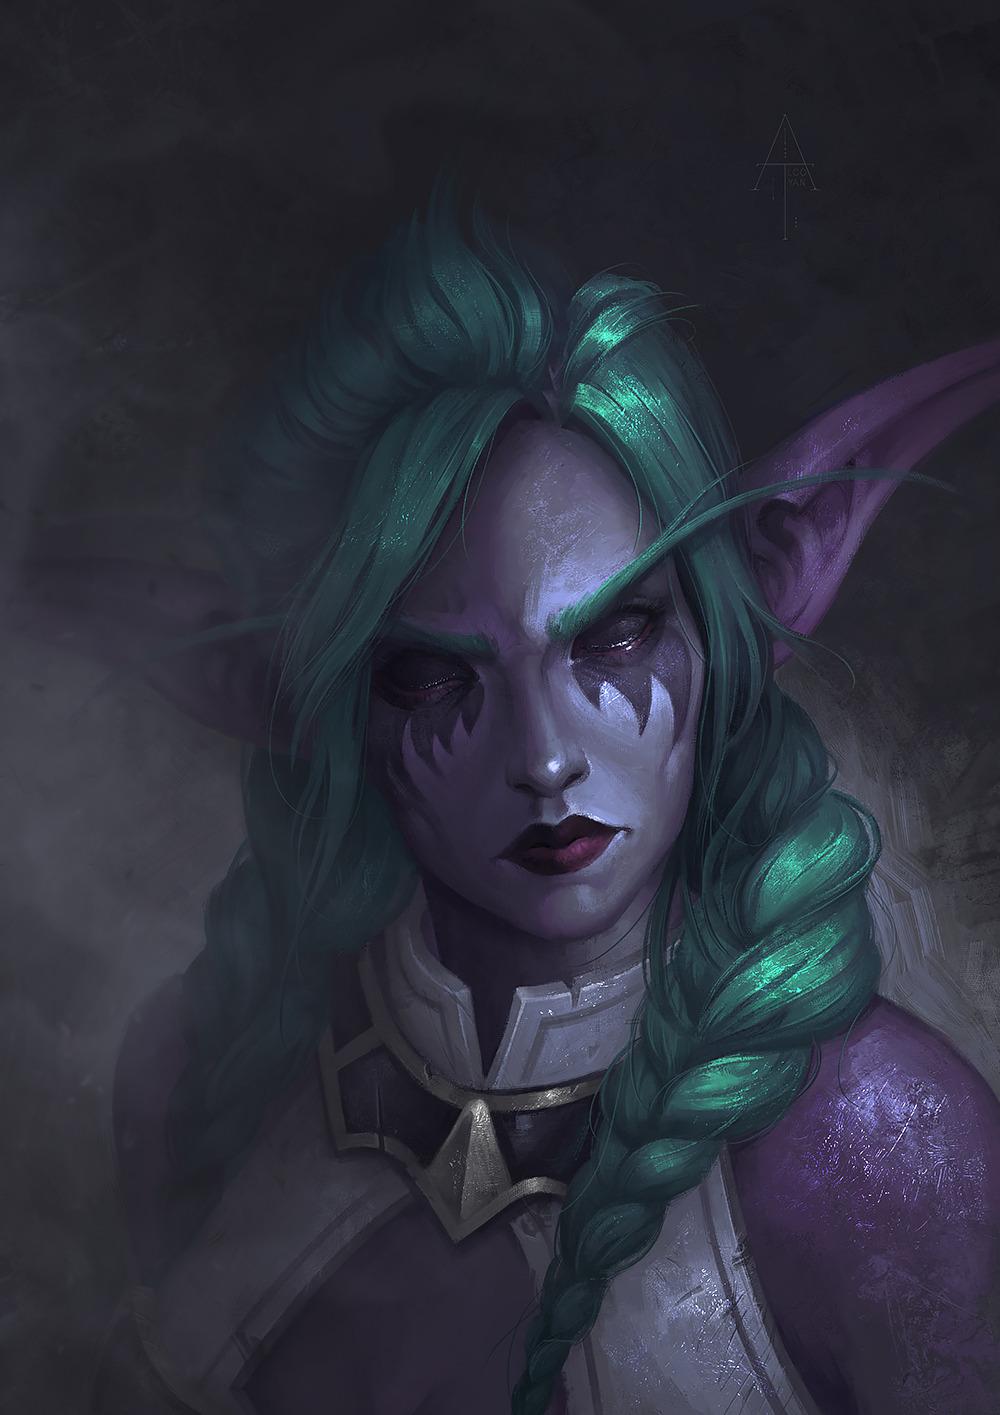 tumblr_pn1jjsugbV1v7v97t_1280.jpg - World of Warcraft